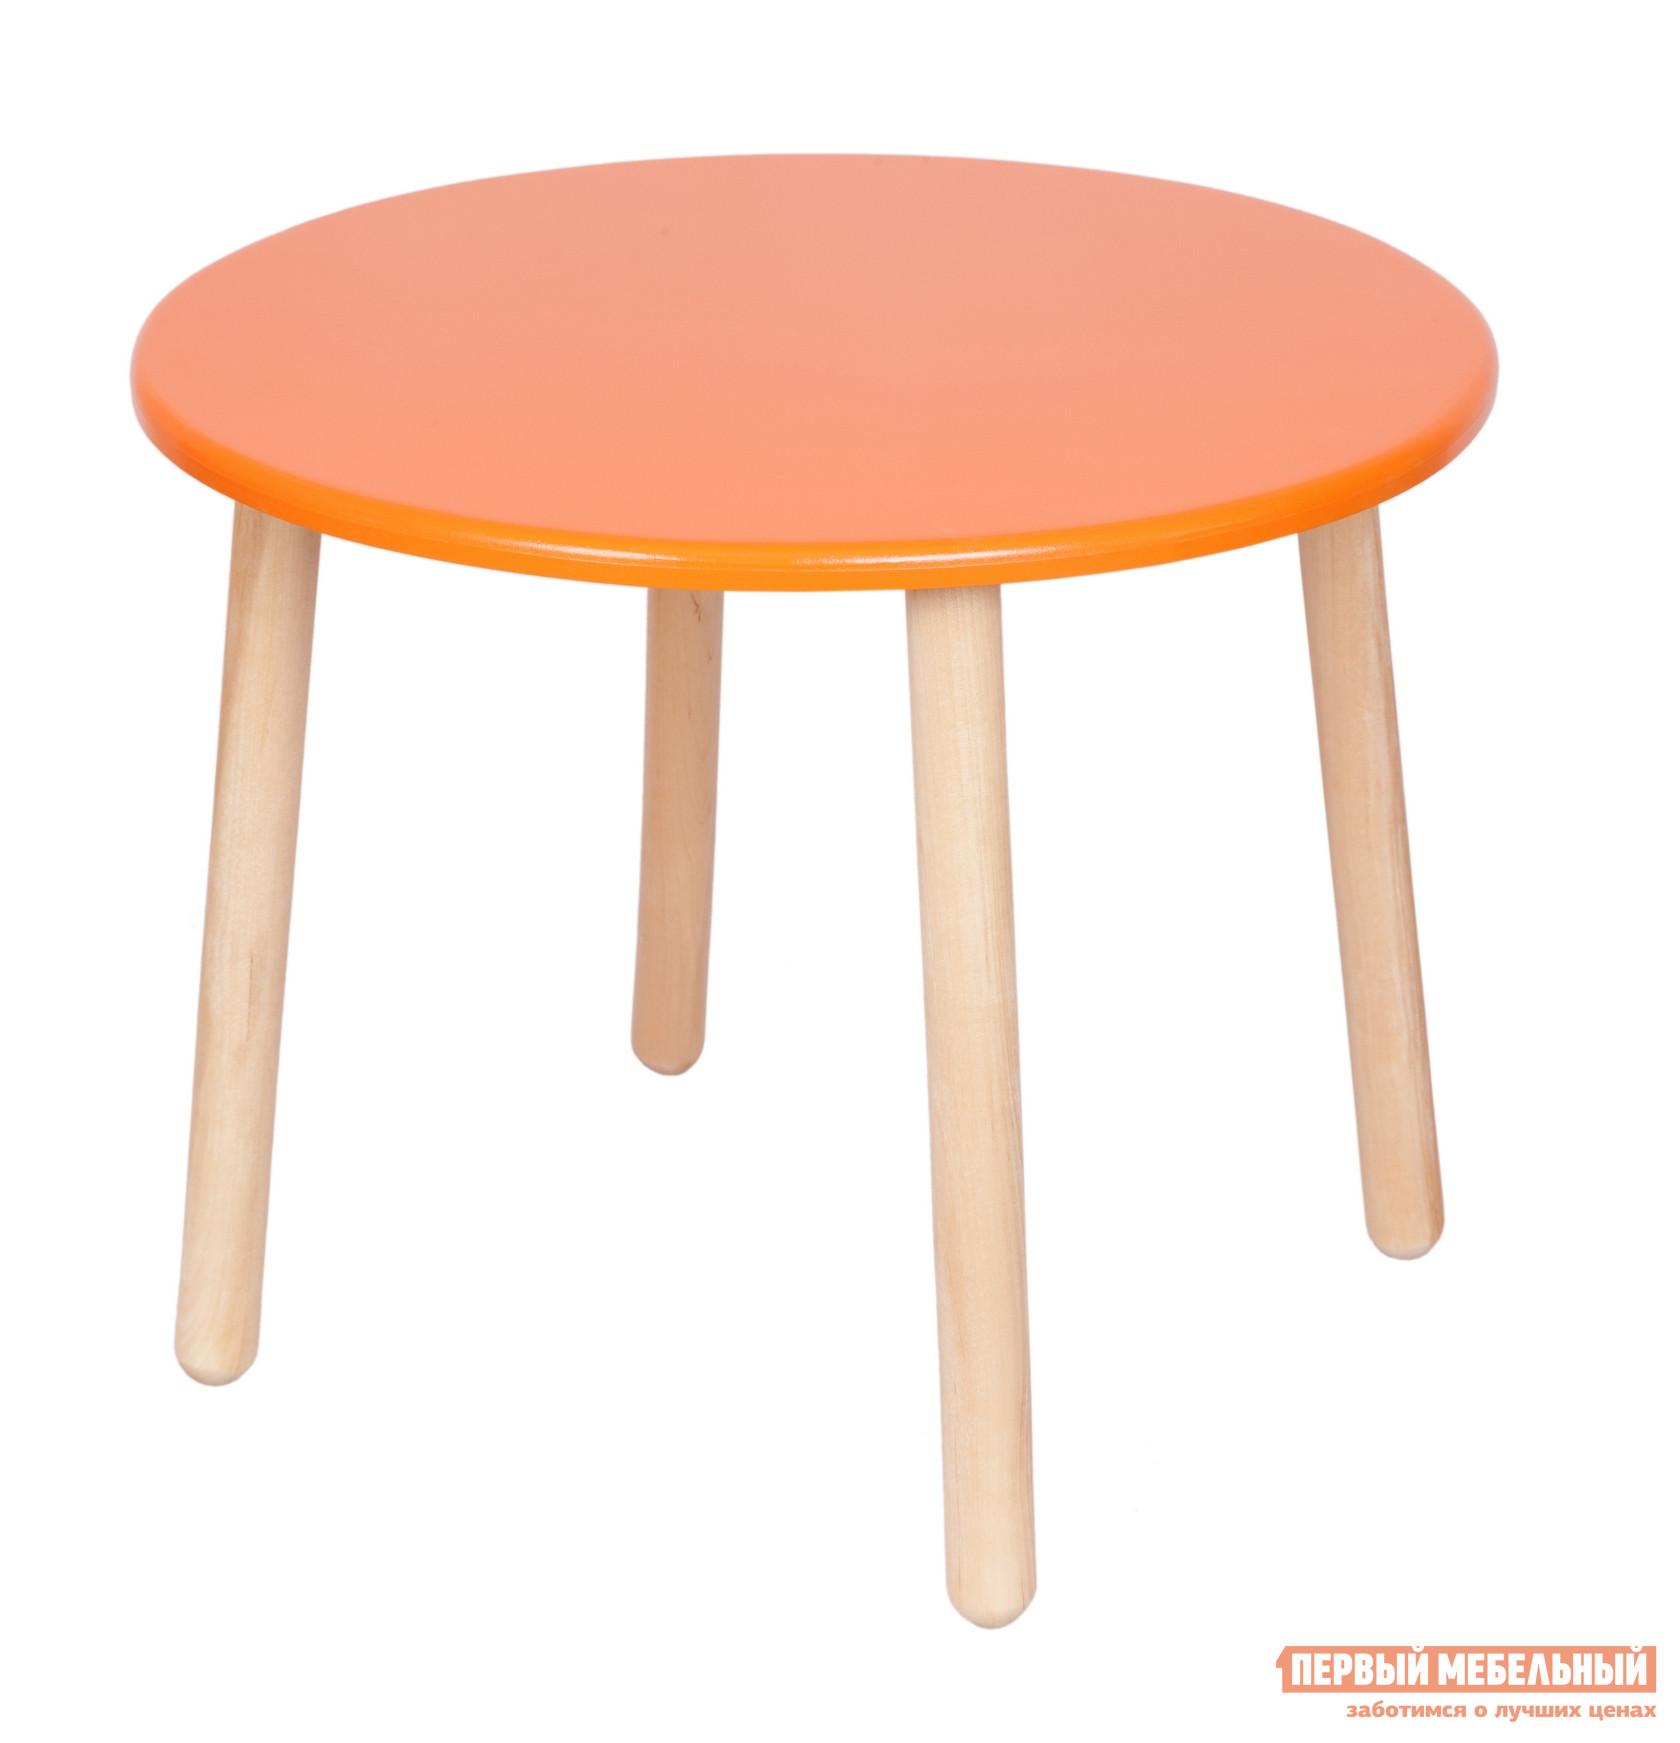 Столик и стульчик РусЭкоМебель Стол Круглый Д60 ЭКО Эко оранжевый